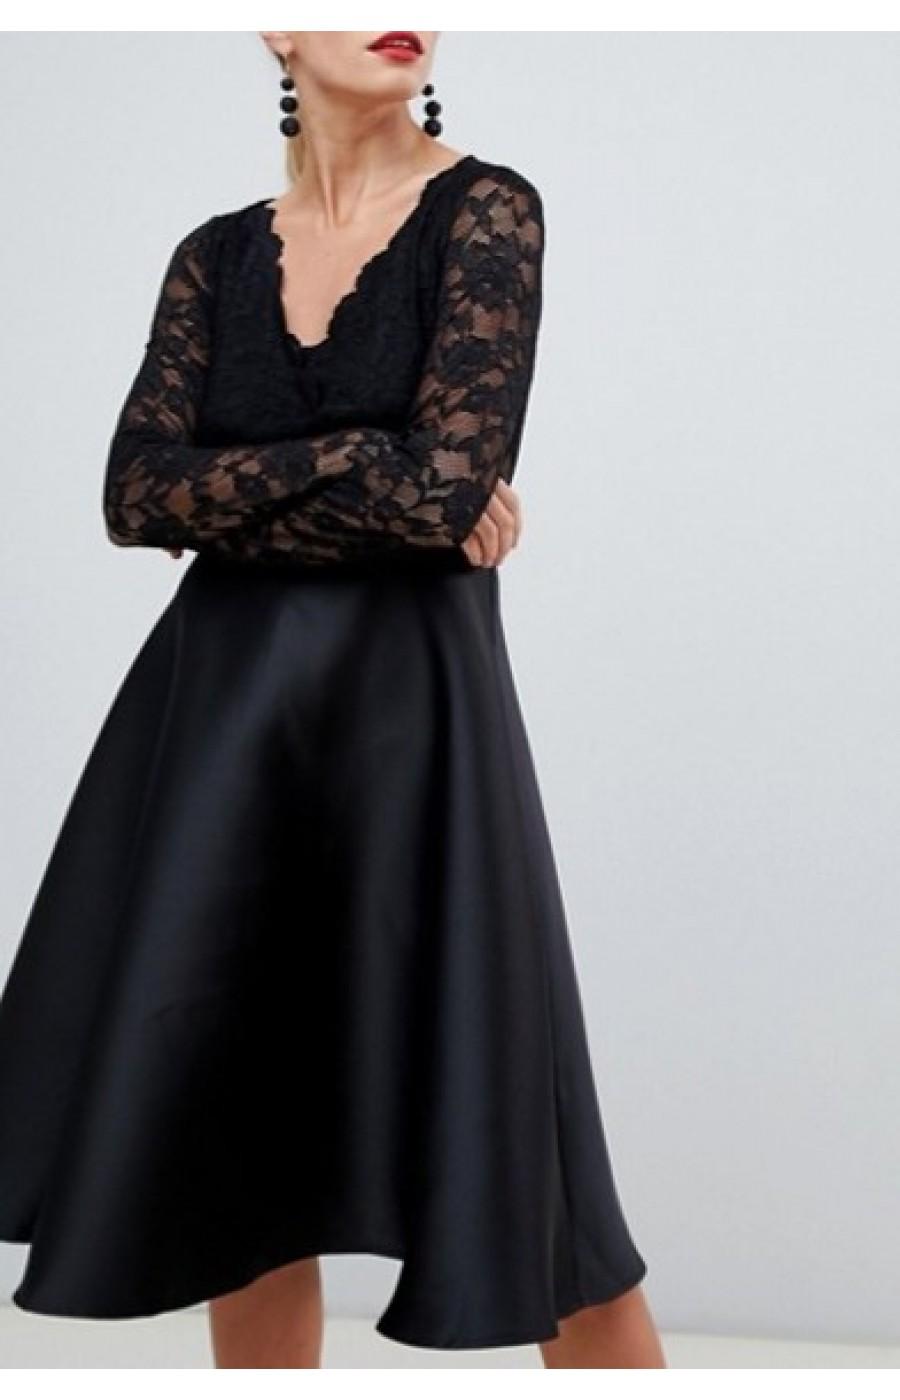 Μαύρο σατέν φόρεμα με δαντέλα στο επάνω μέρος.